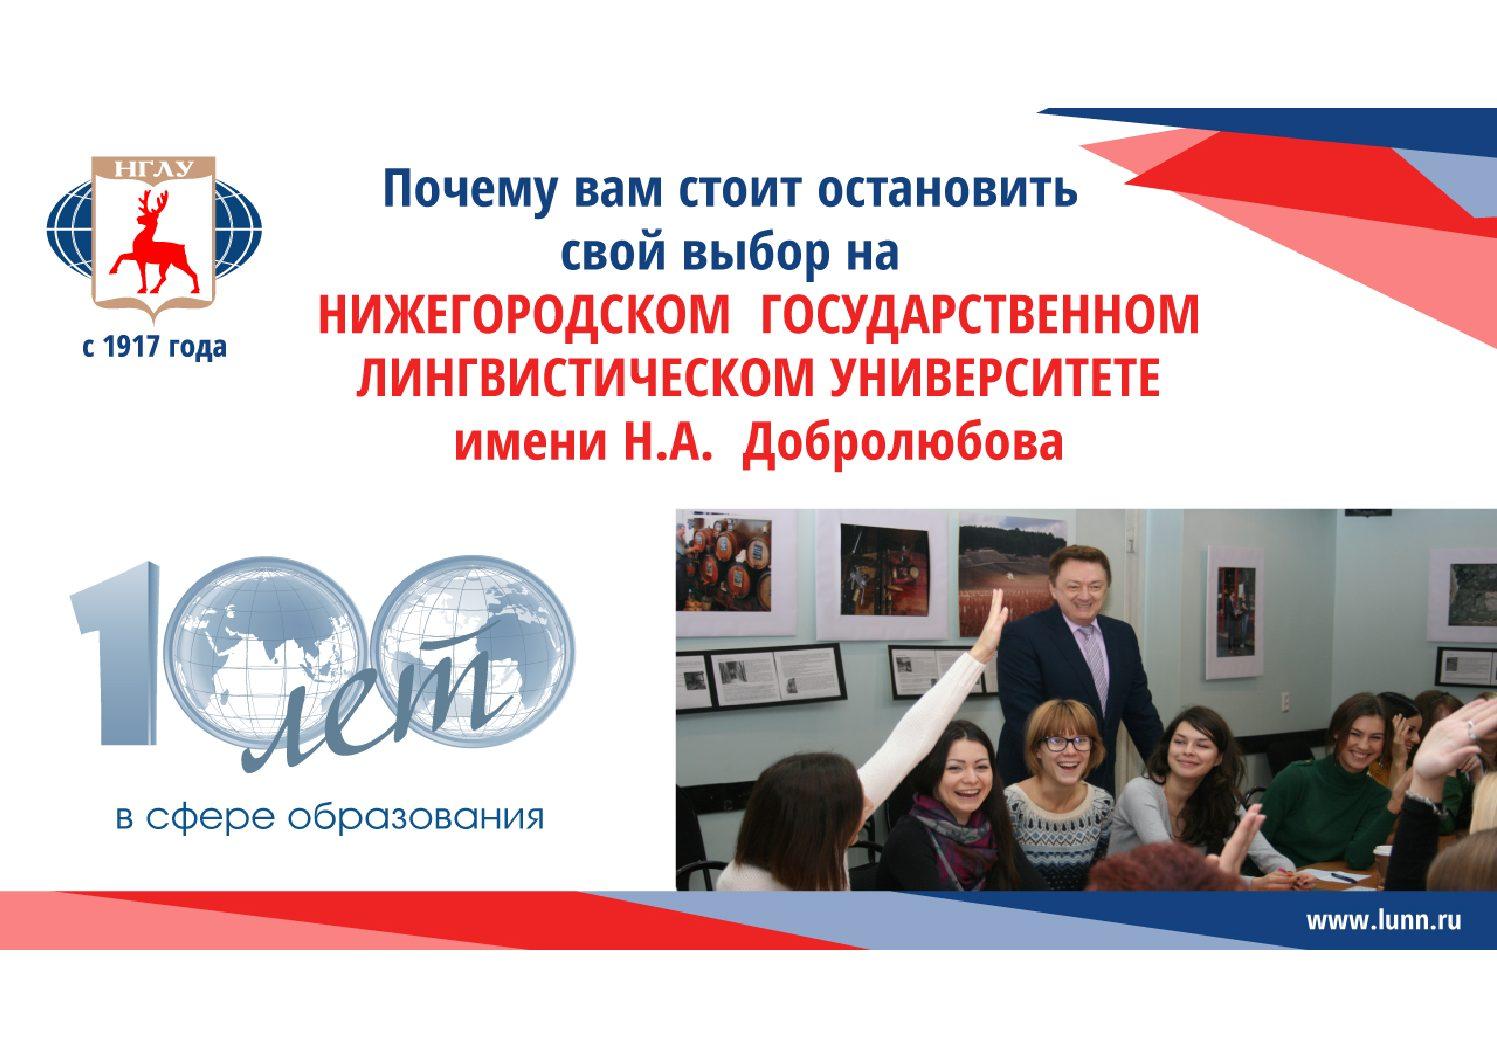 Возможность обучения в Нижегородском государственном лингвистическом университете имени Добролюбова